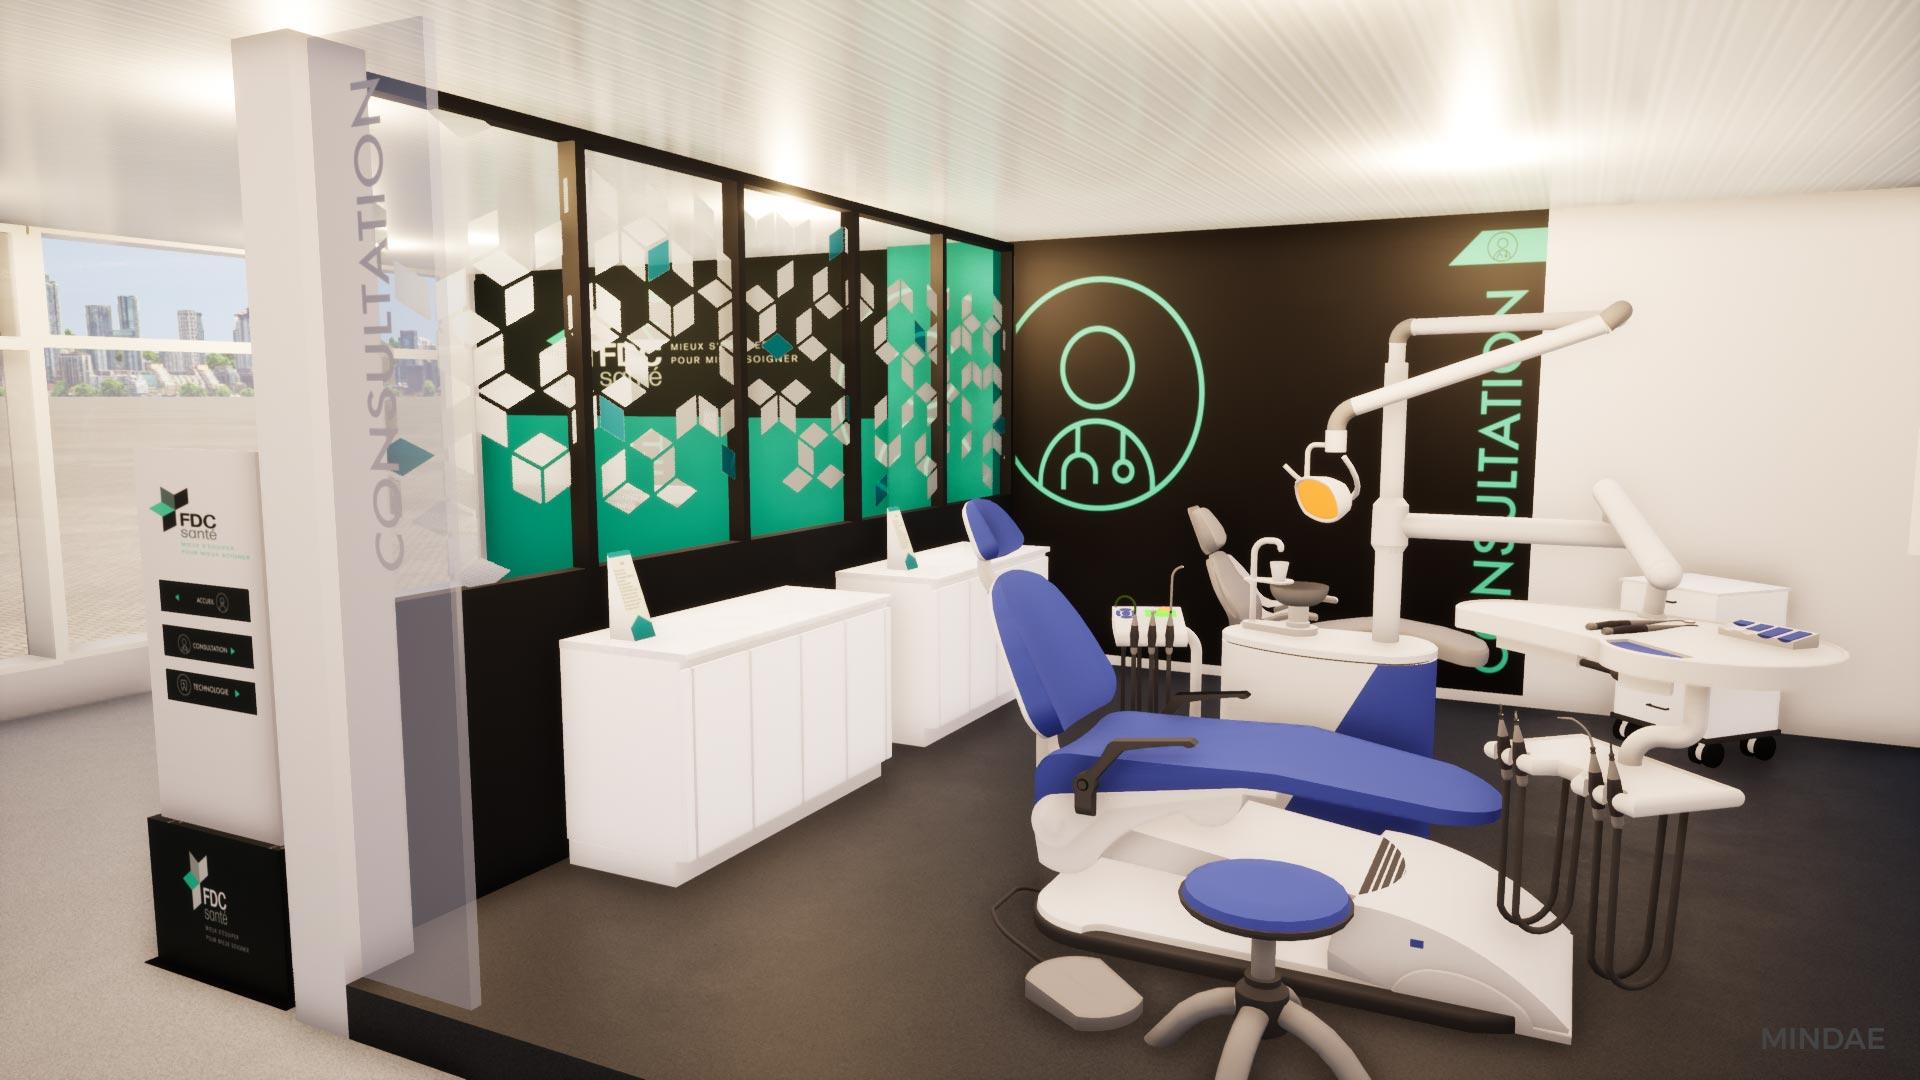 Mindae_socomm_daytona_FDC_showroom_agencement_signaletique_habillage_dentiste_herouville-(8)